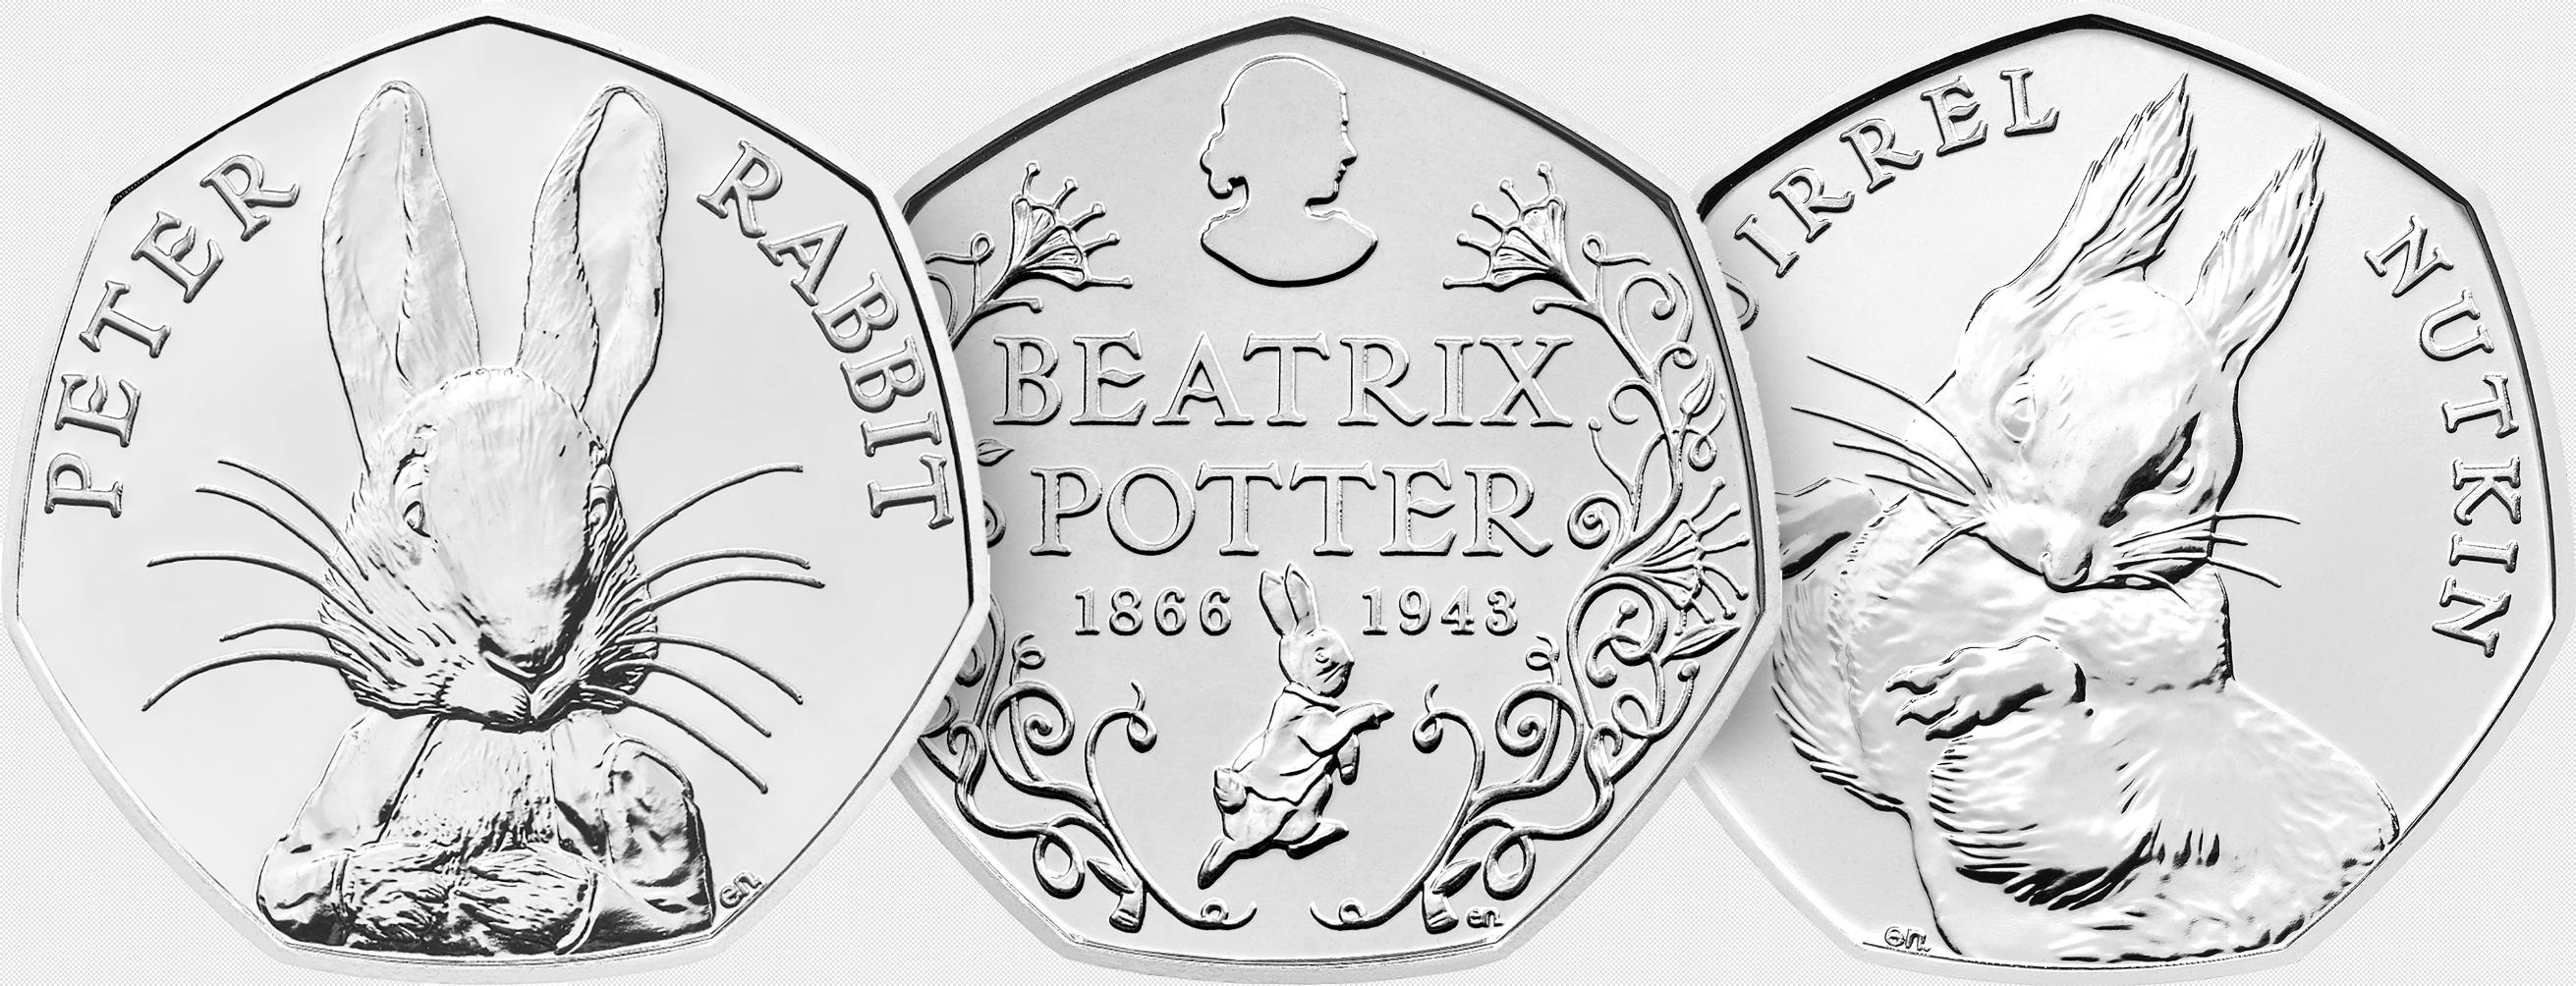 Beatrix Potter 2016 Series